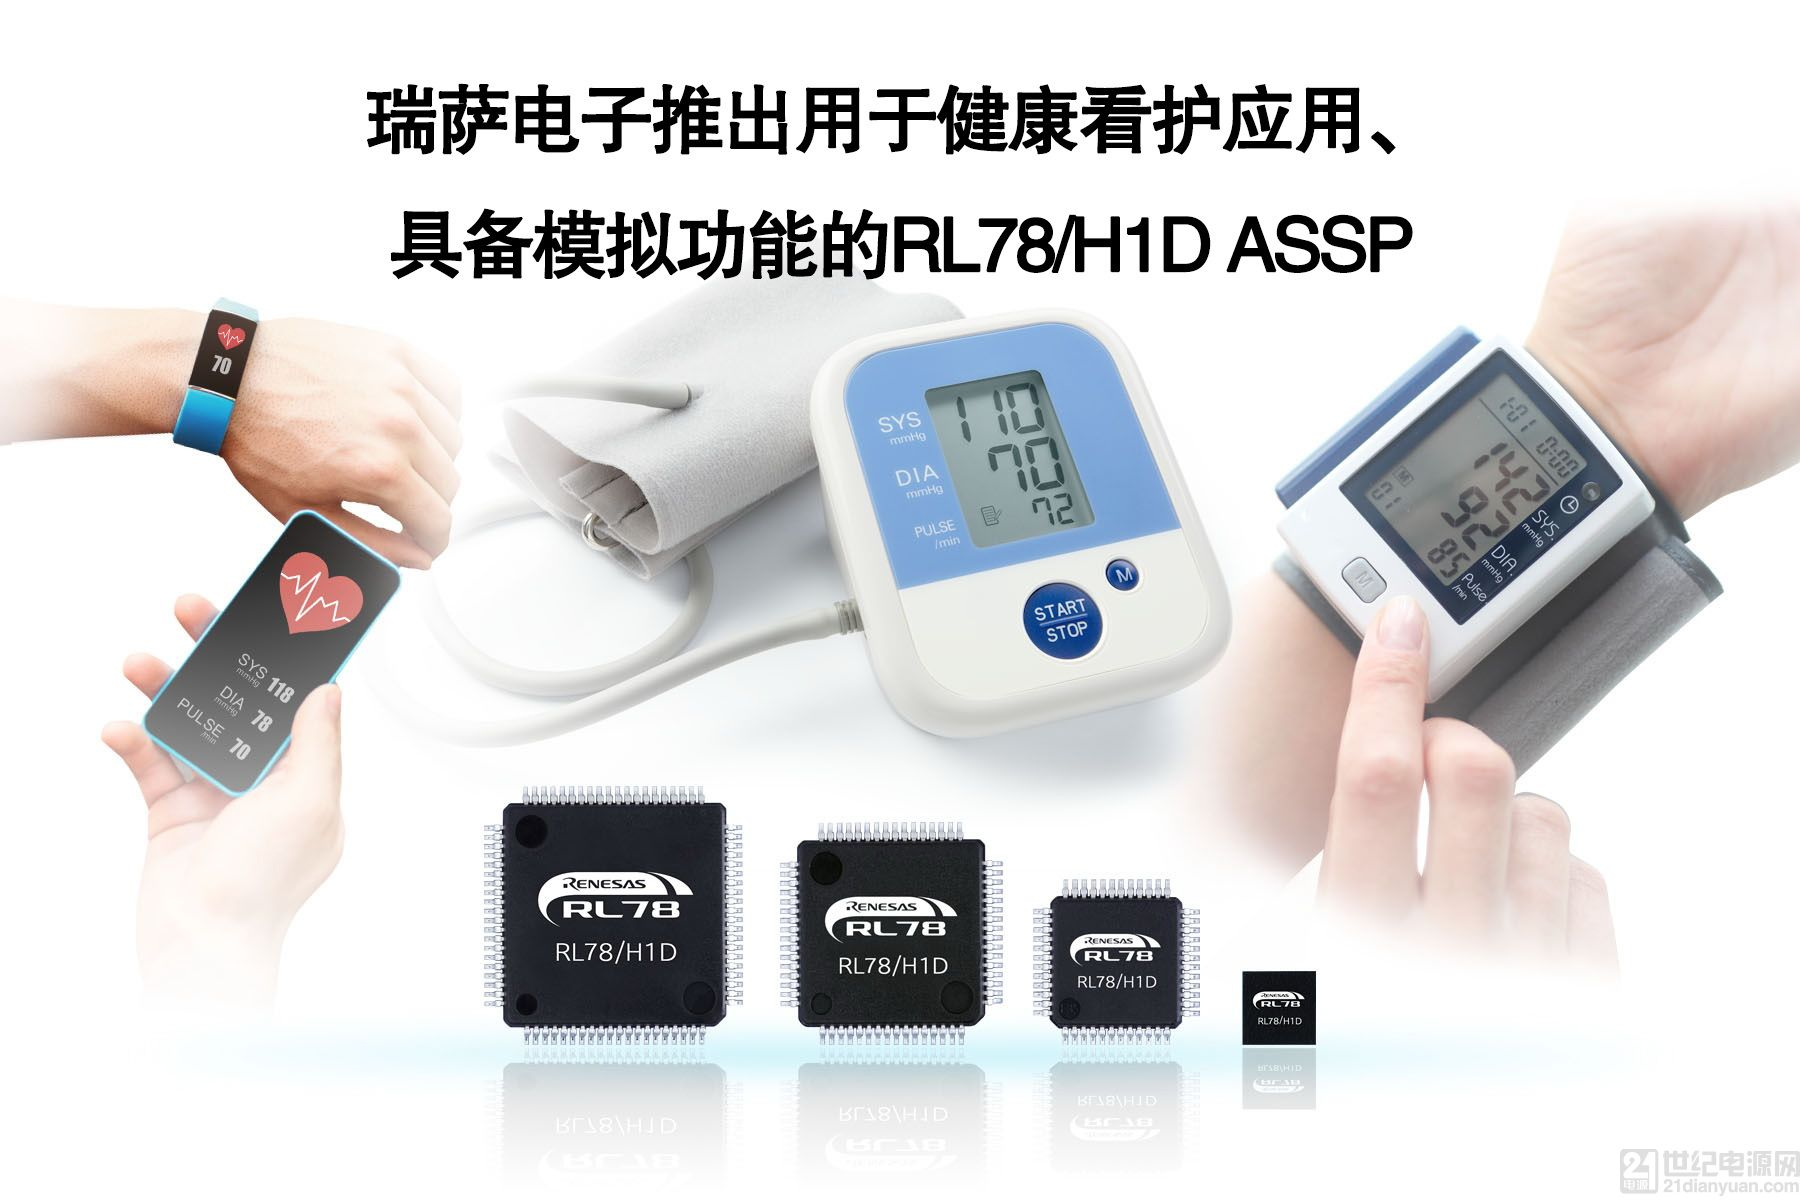 瑞萨电子推出支持即时评估的血压监测评估套件